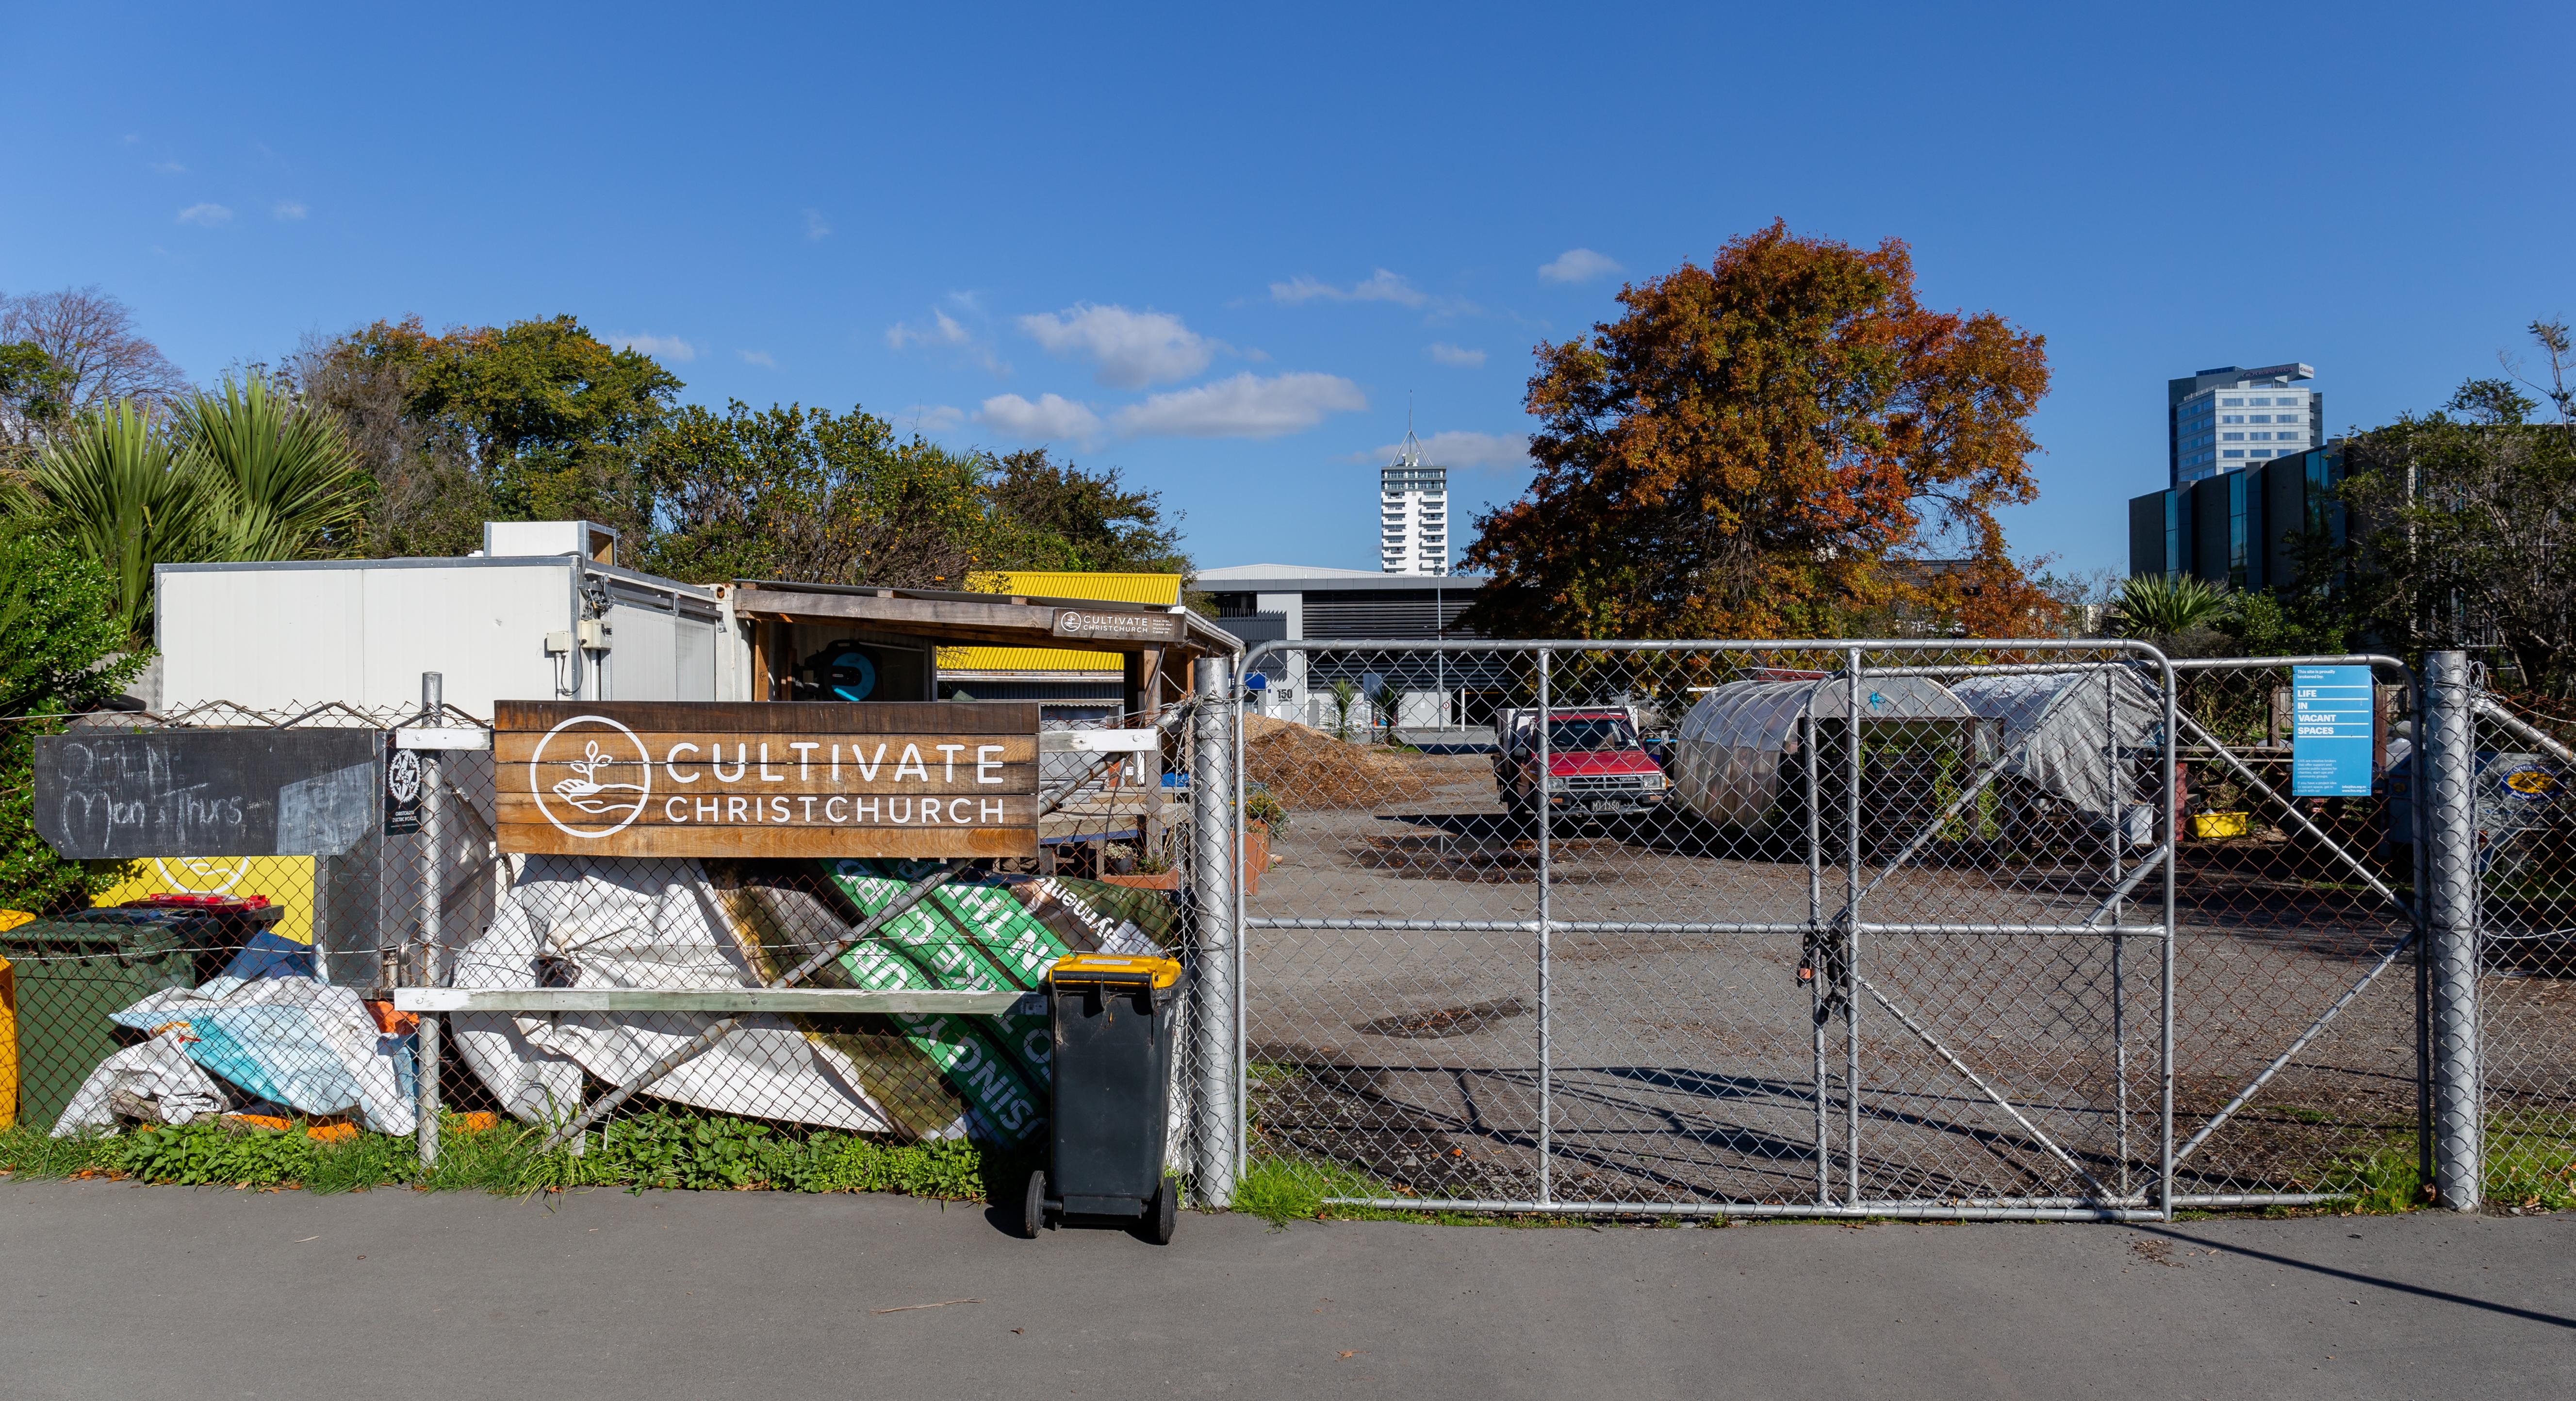 File:Cultivate Christchurch Farm, Christchurch, New Zealand